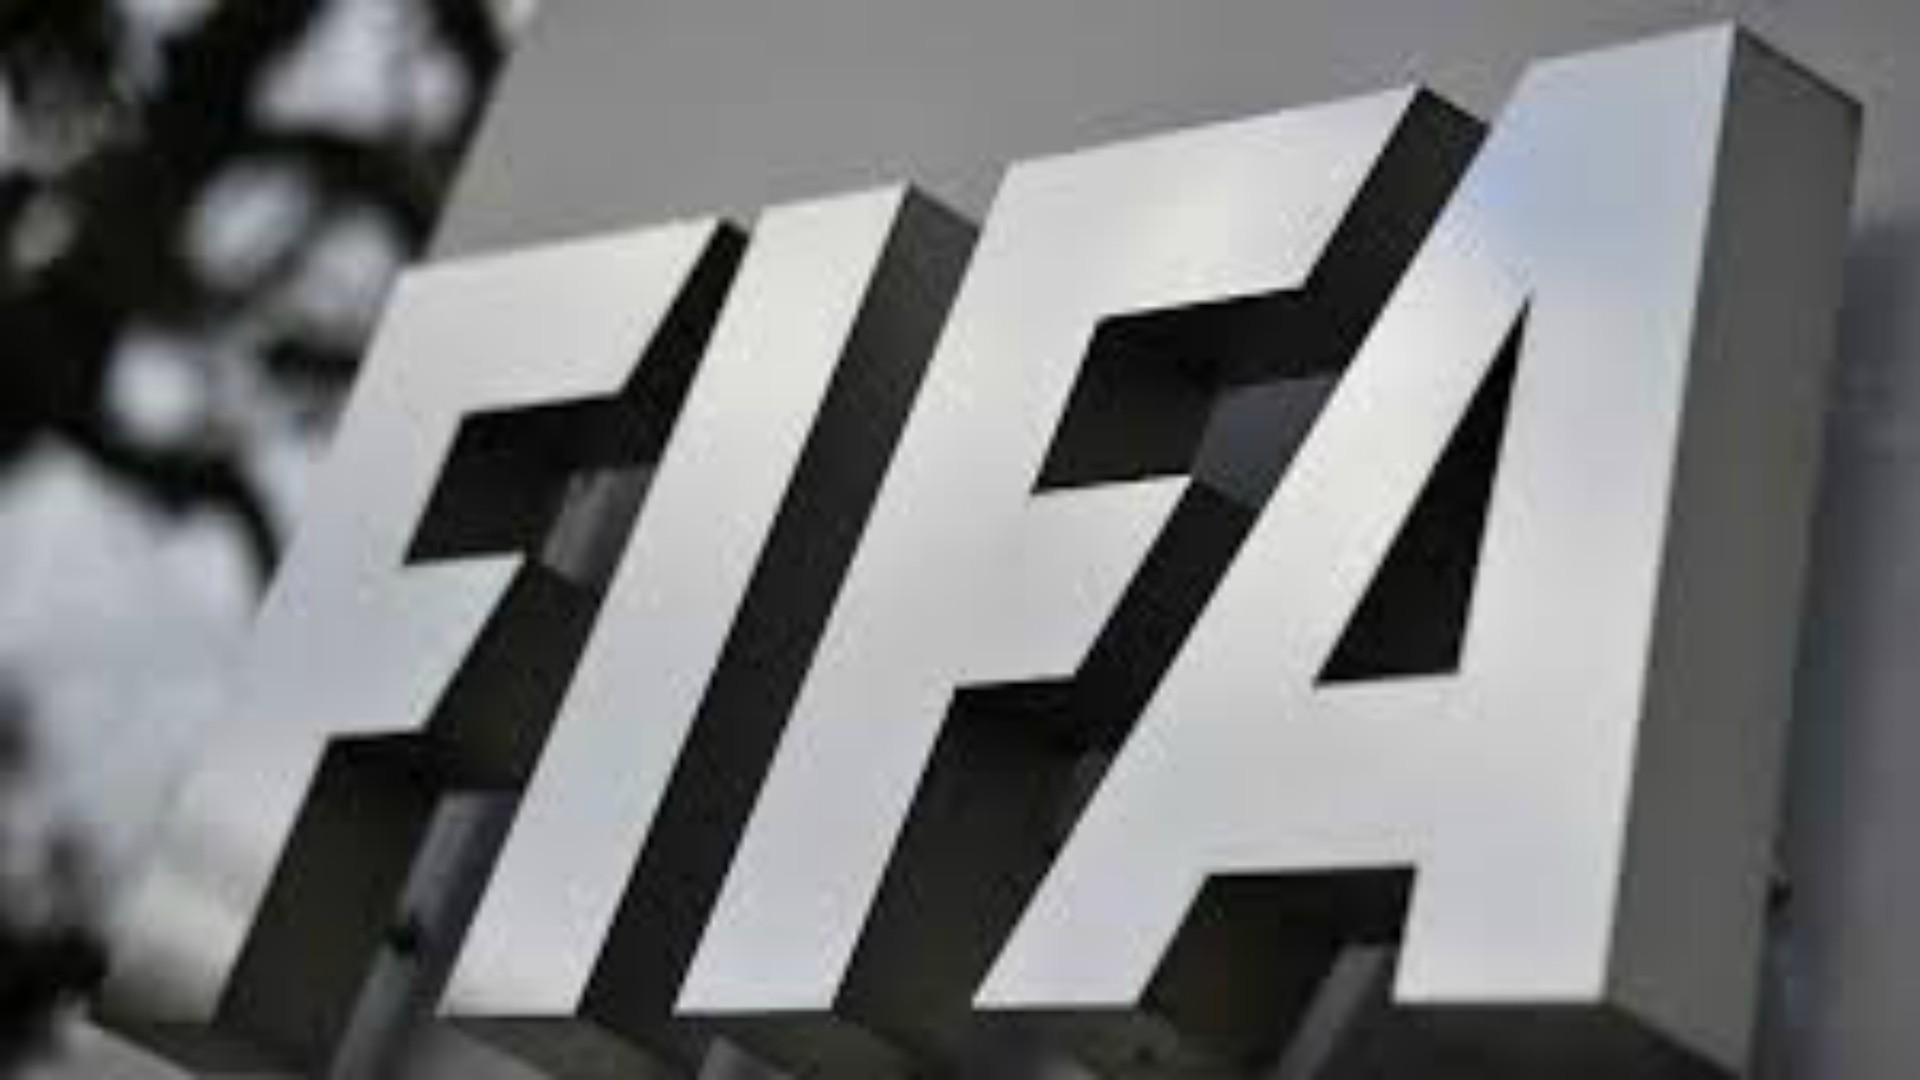 De FIFA wilde na de in 2015 naar buiten gekomen corruptieschandalen met een nieuwe voorzitter (Gianni Infantino) en nieuw elan werken aan een beter imago.